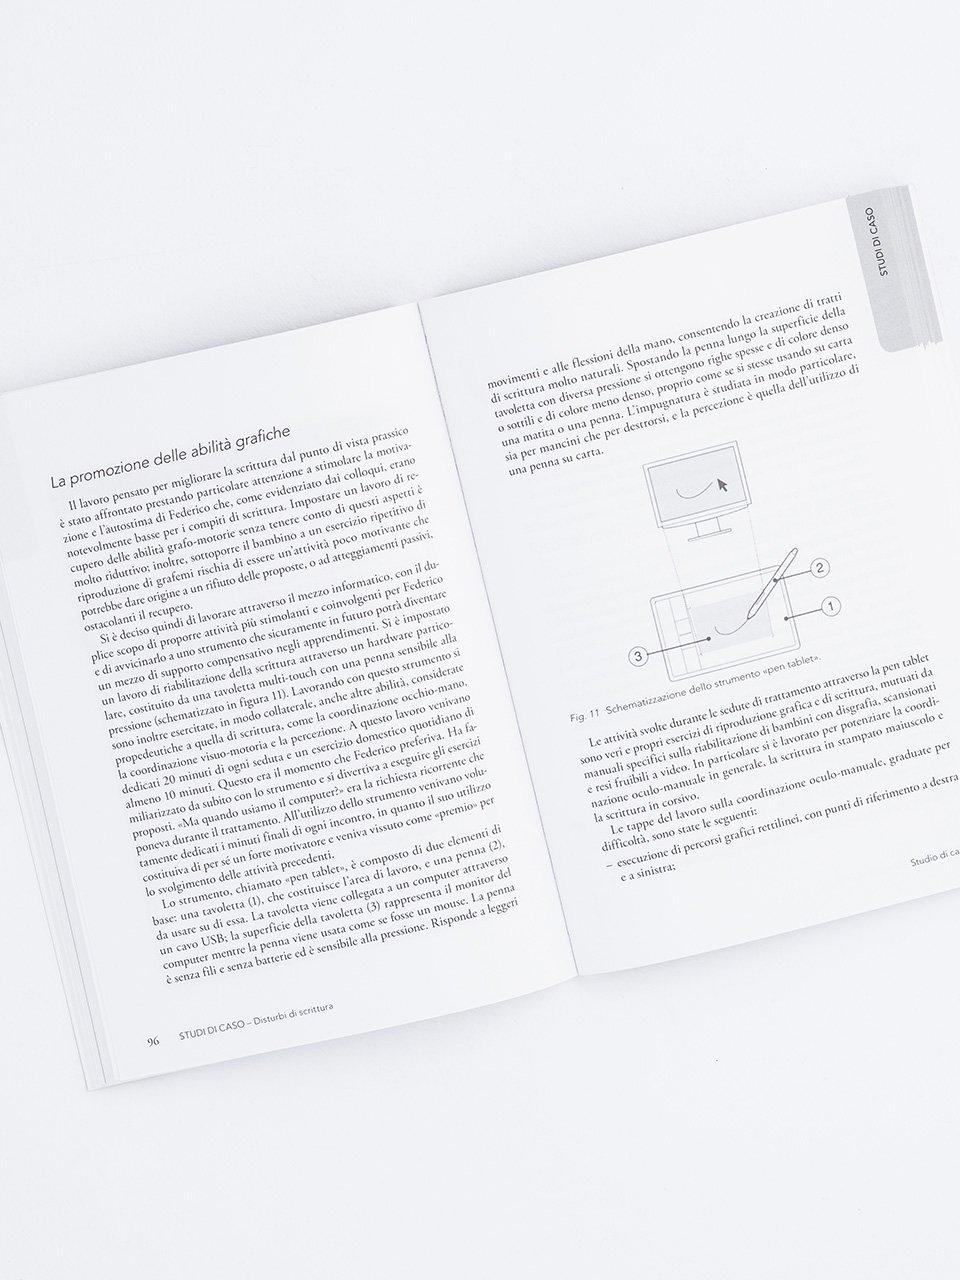 Studi di caso - Disturbi di scrittura - Libri - Erickson 2